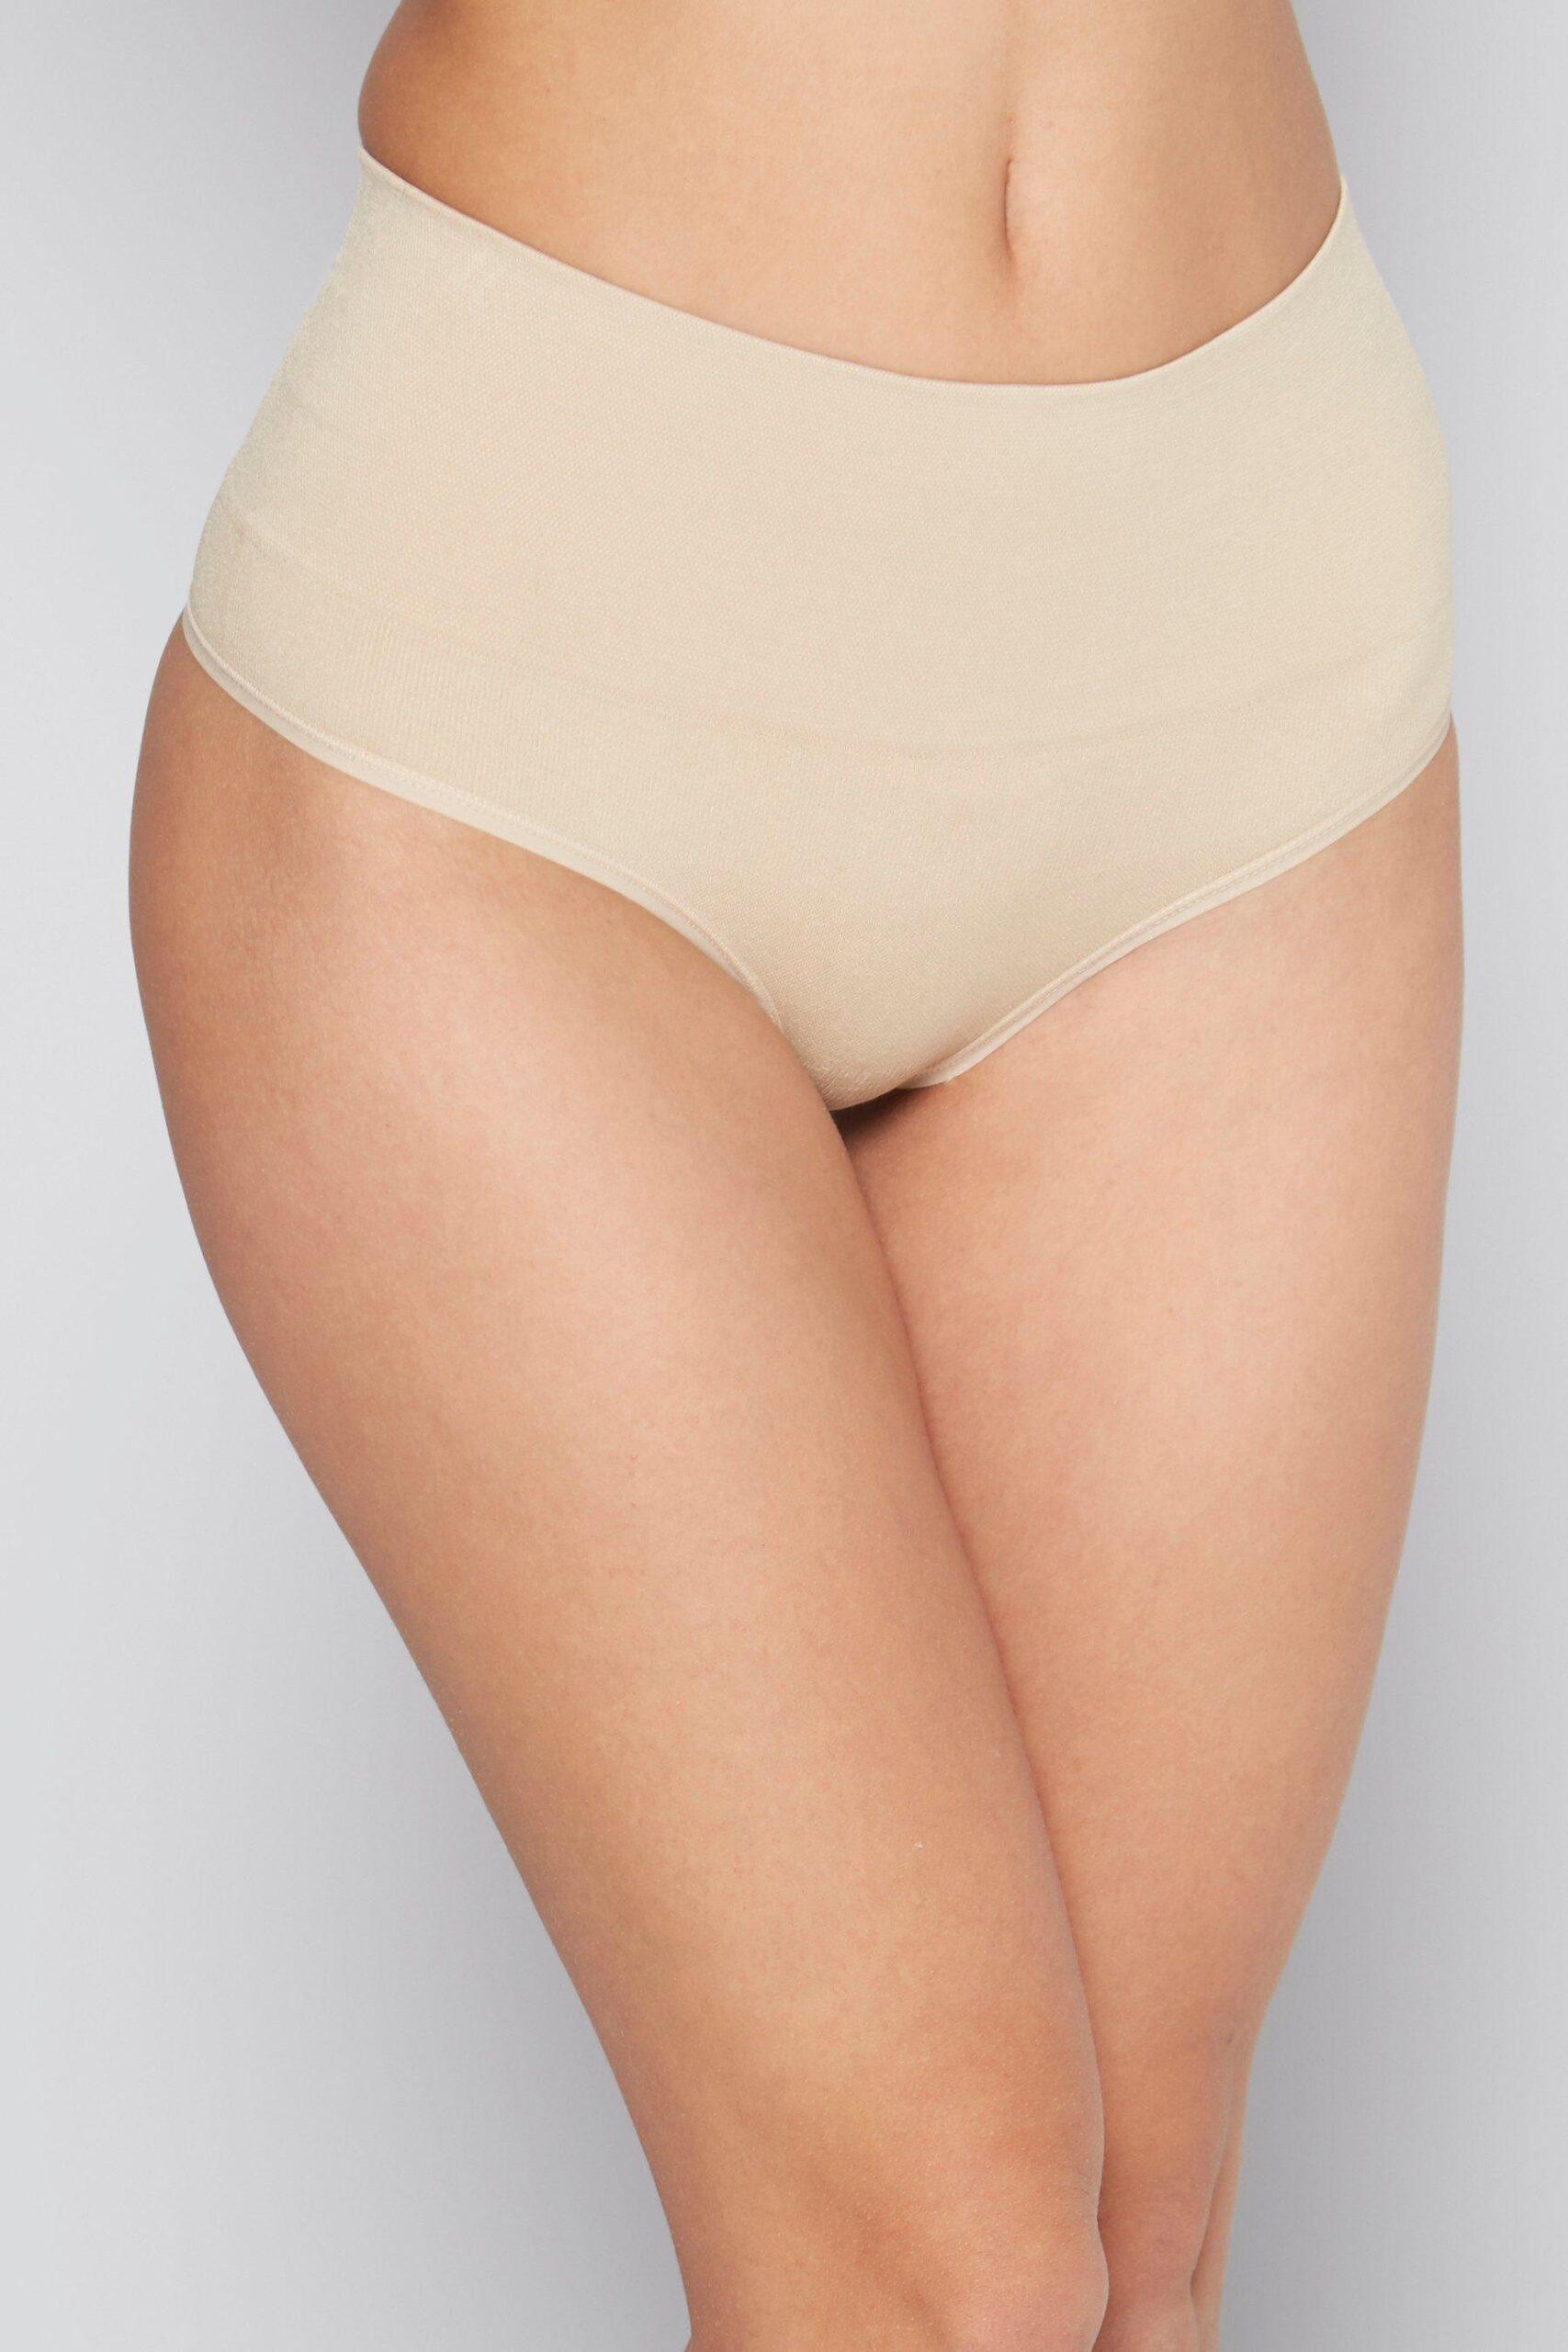 High Waist Control Thongs